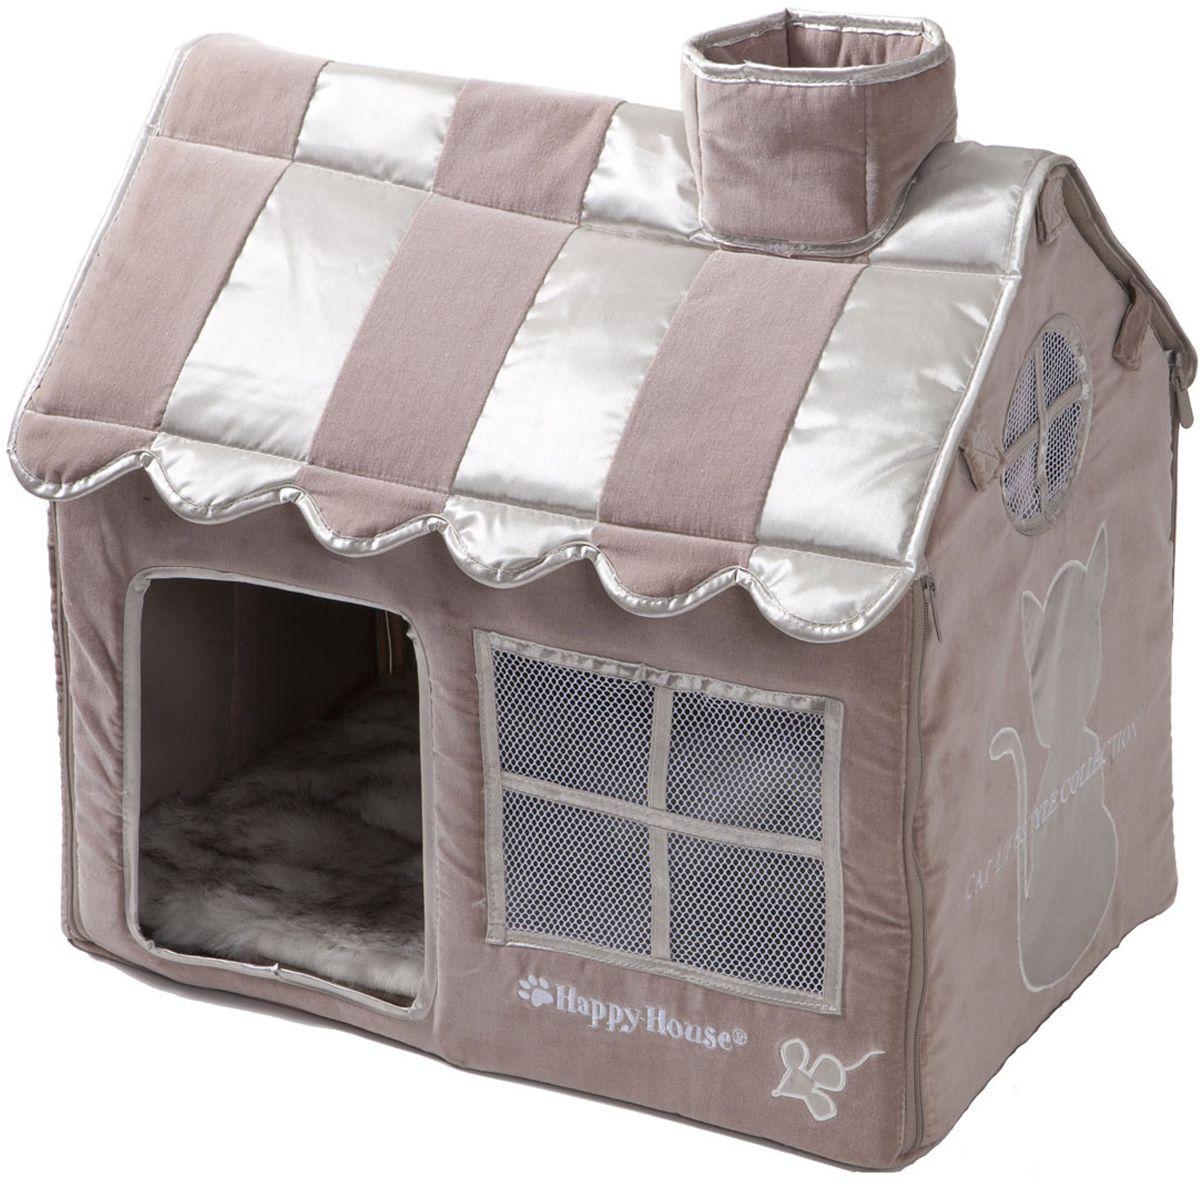 Домик для кошек Happy House Cat Lifestyle, цвет: серый, молочно-коричневый, 52 х 36 х 49 см0120710Большой, уютный домик Happy House Cat Lifestyle, выполненный из полиэстера и картона, отлично подойдет для вашего любимца. Такой домик станет не только идеальным местом для сна вашего питомца, но и местом для отдыха. Внутрь домика ведет квадратное отверстие. Мягкий домик с оригинальным дизайном имеет сборную конструкцию, что облегчит его транспортировку и хранение. Внутри имеется съемная подушка из искусственного меха.Размер домика: 52 х 36 х 49 см.